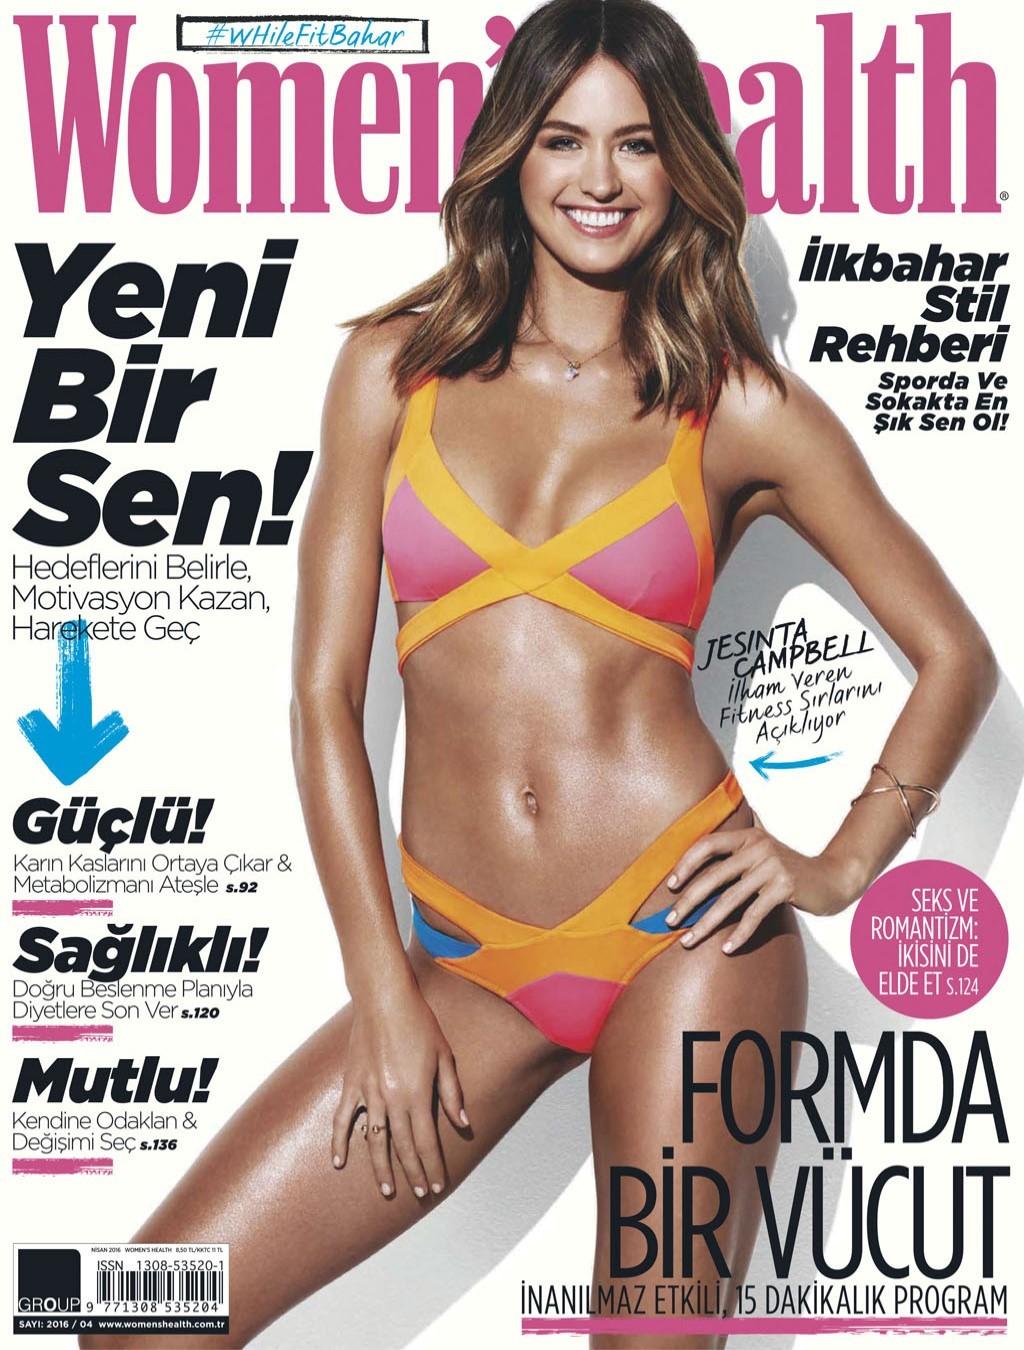 Womens Health Nisan E-dergi indir Sandalca.com